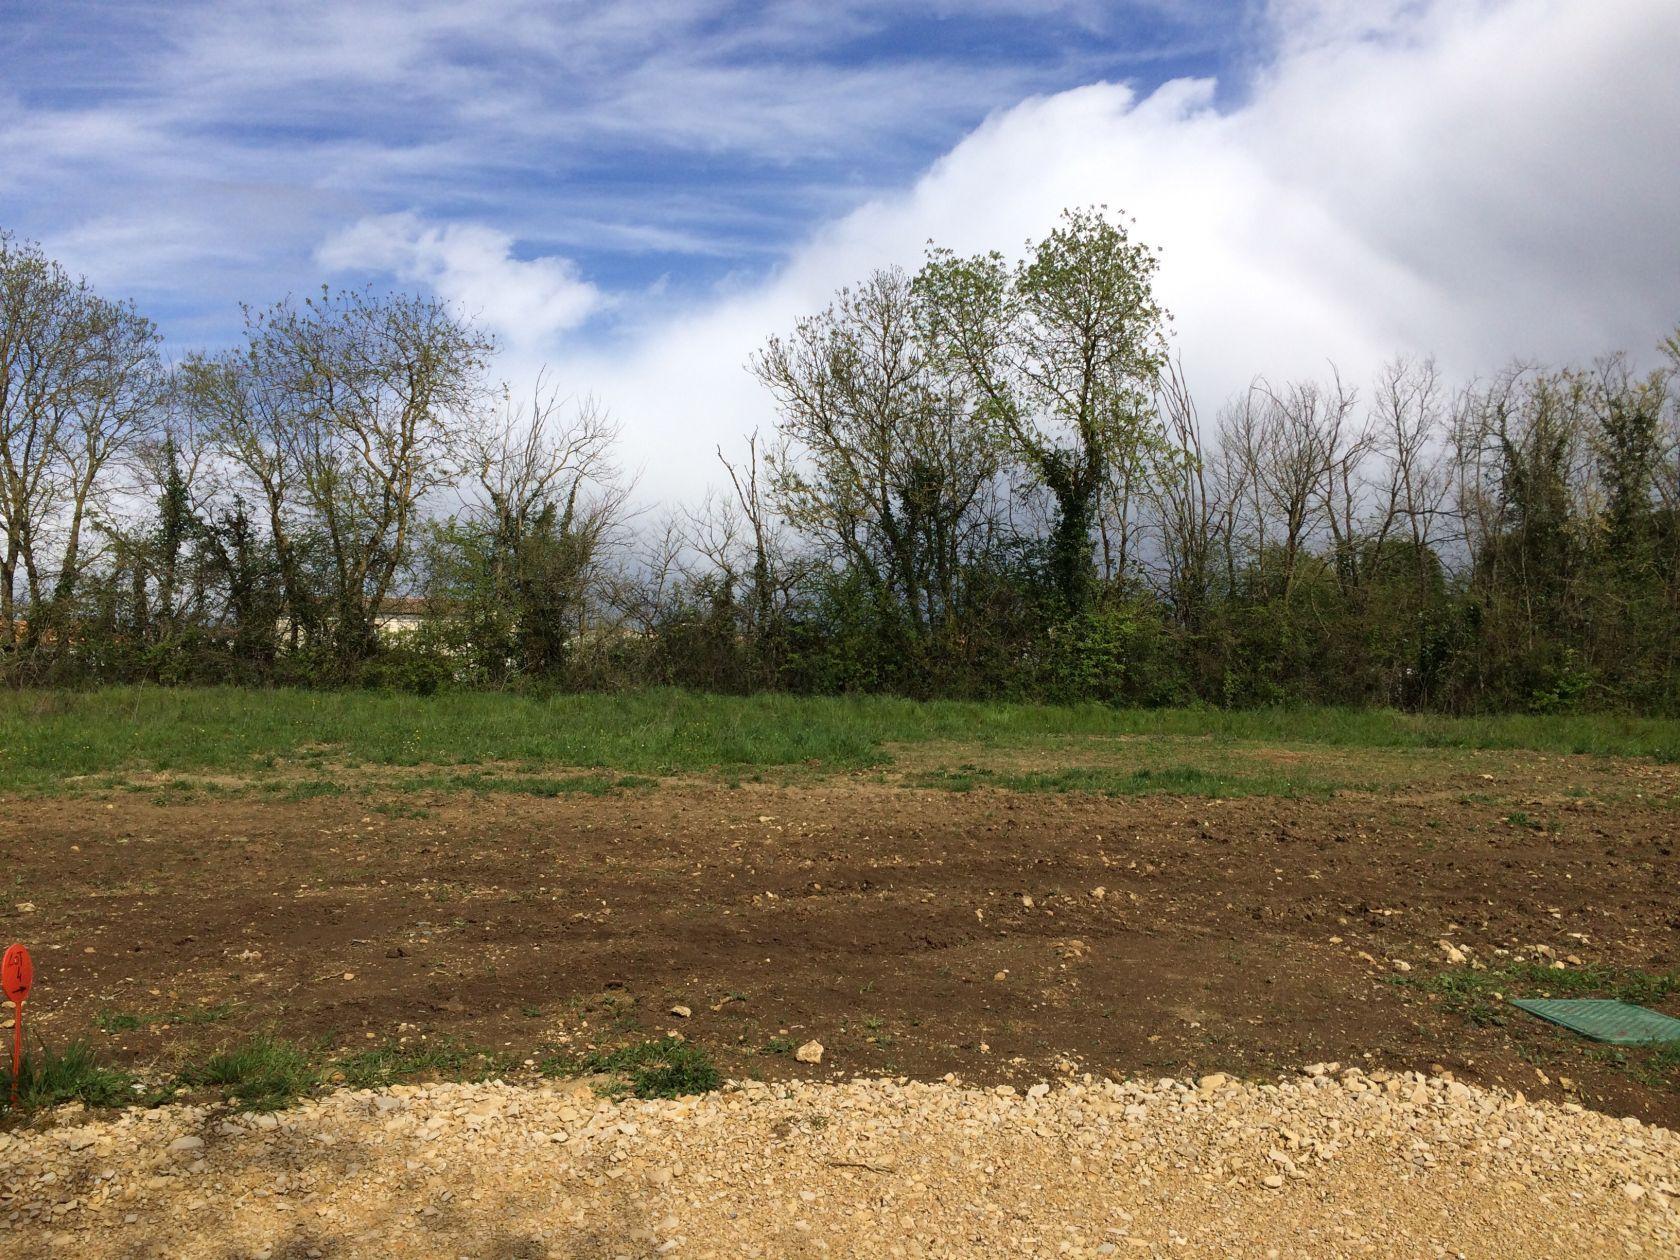 Terrains du constructeur DELRIEU CONSTRUCTION • 449 m² • AIFFRES